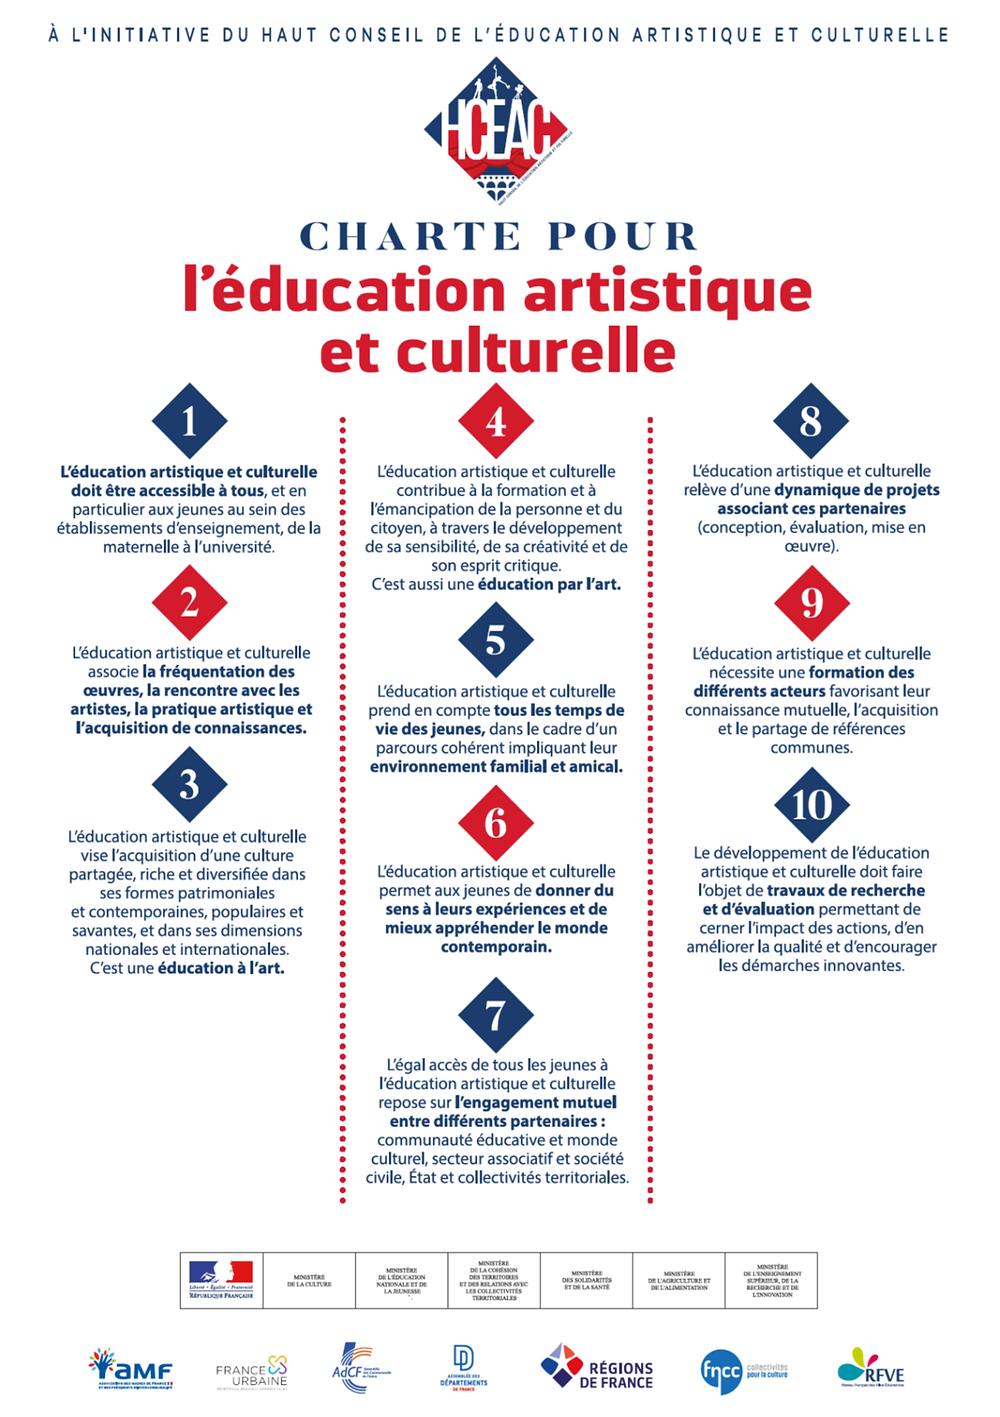 Chate pour l'éducation artistique et culturelle